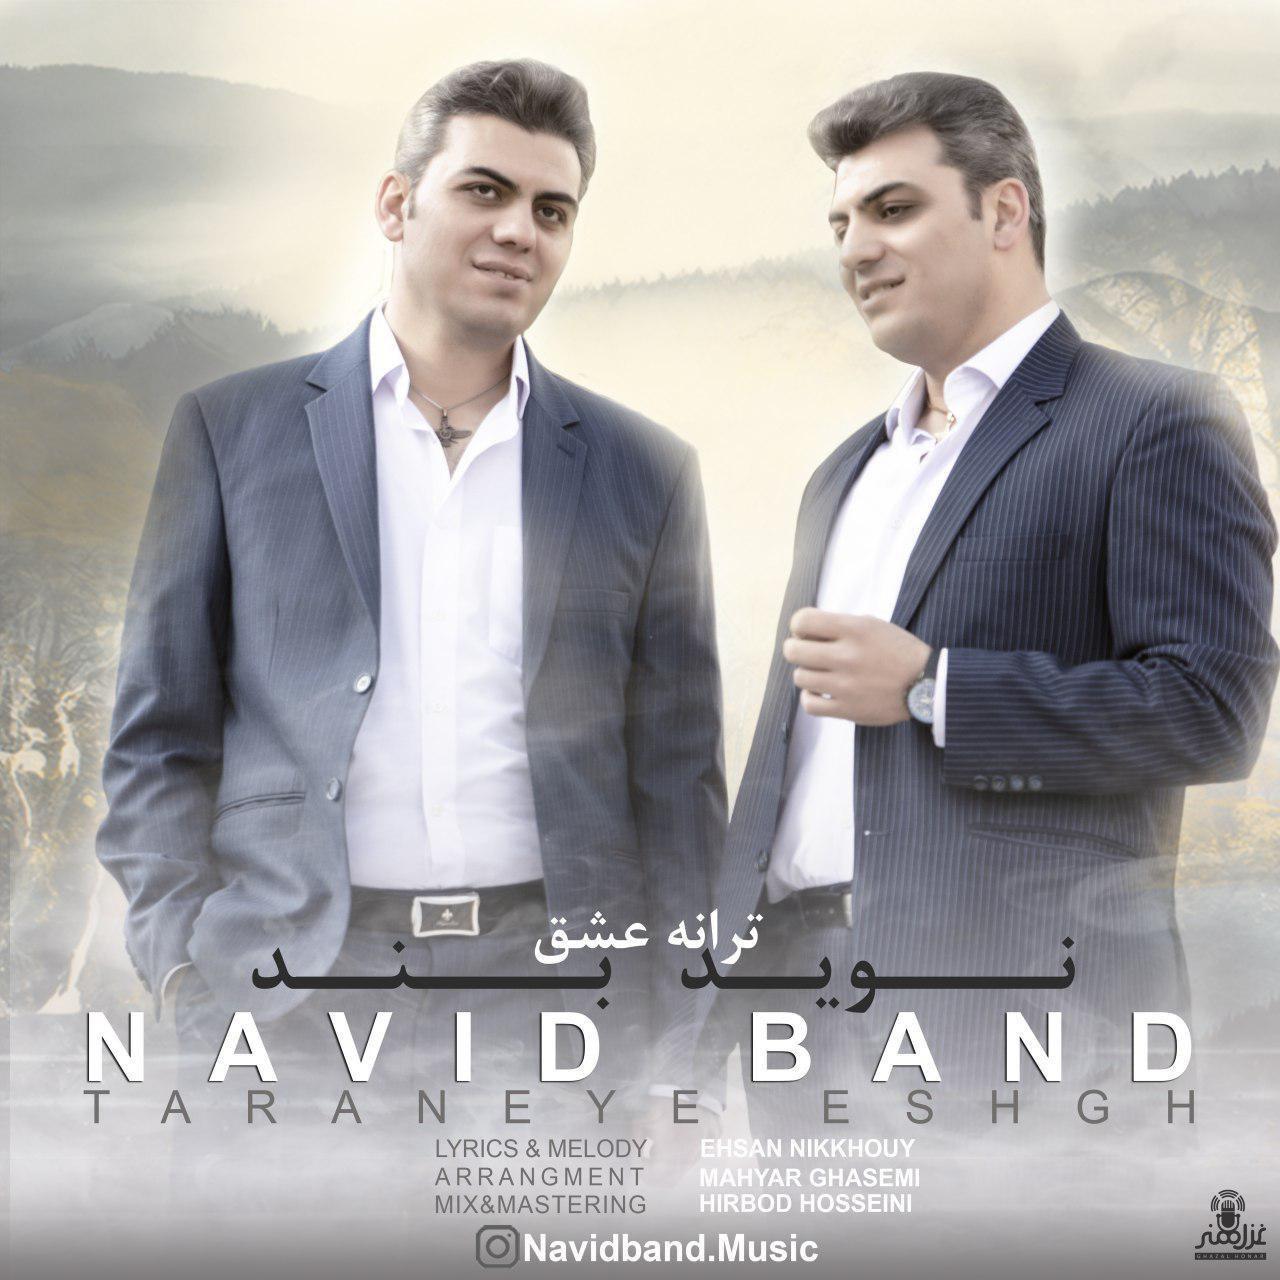 Navid Band – Taraneye Eshgh